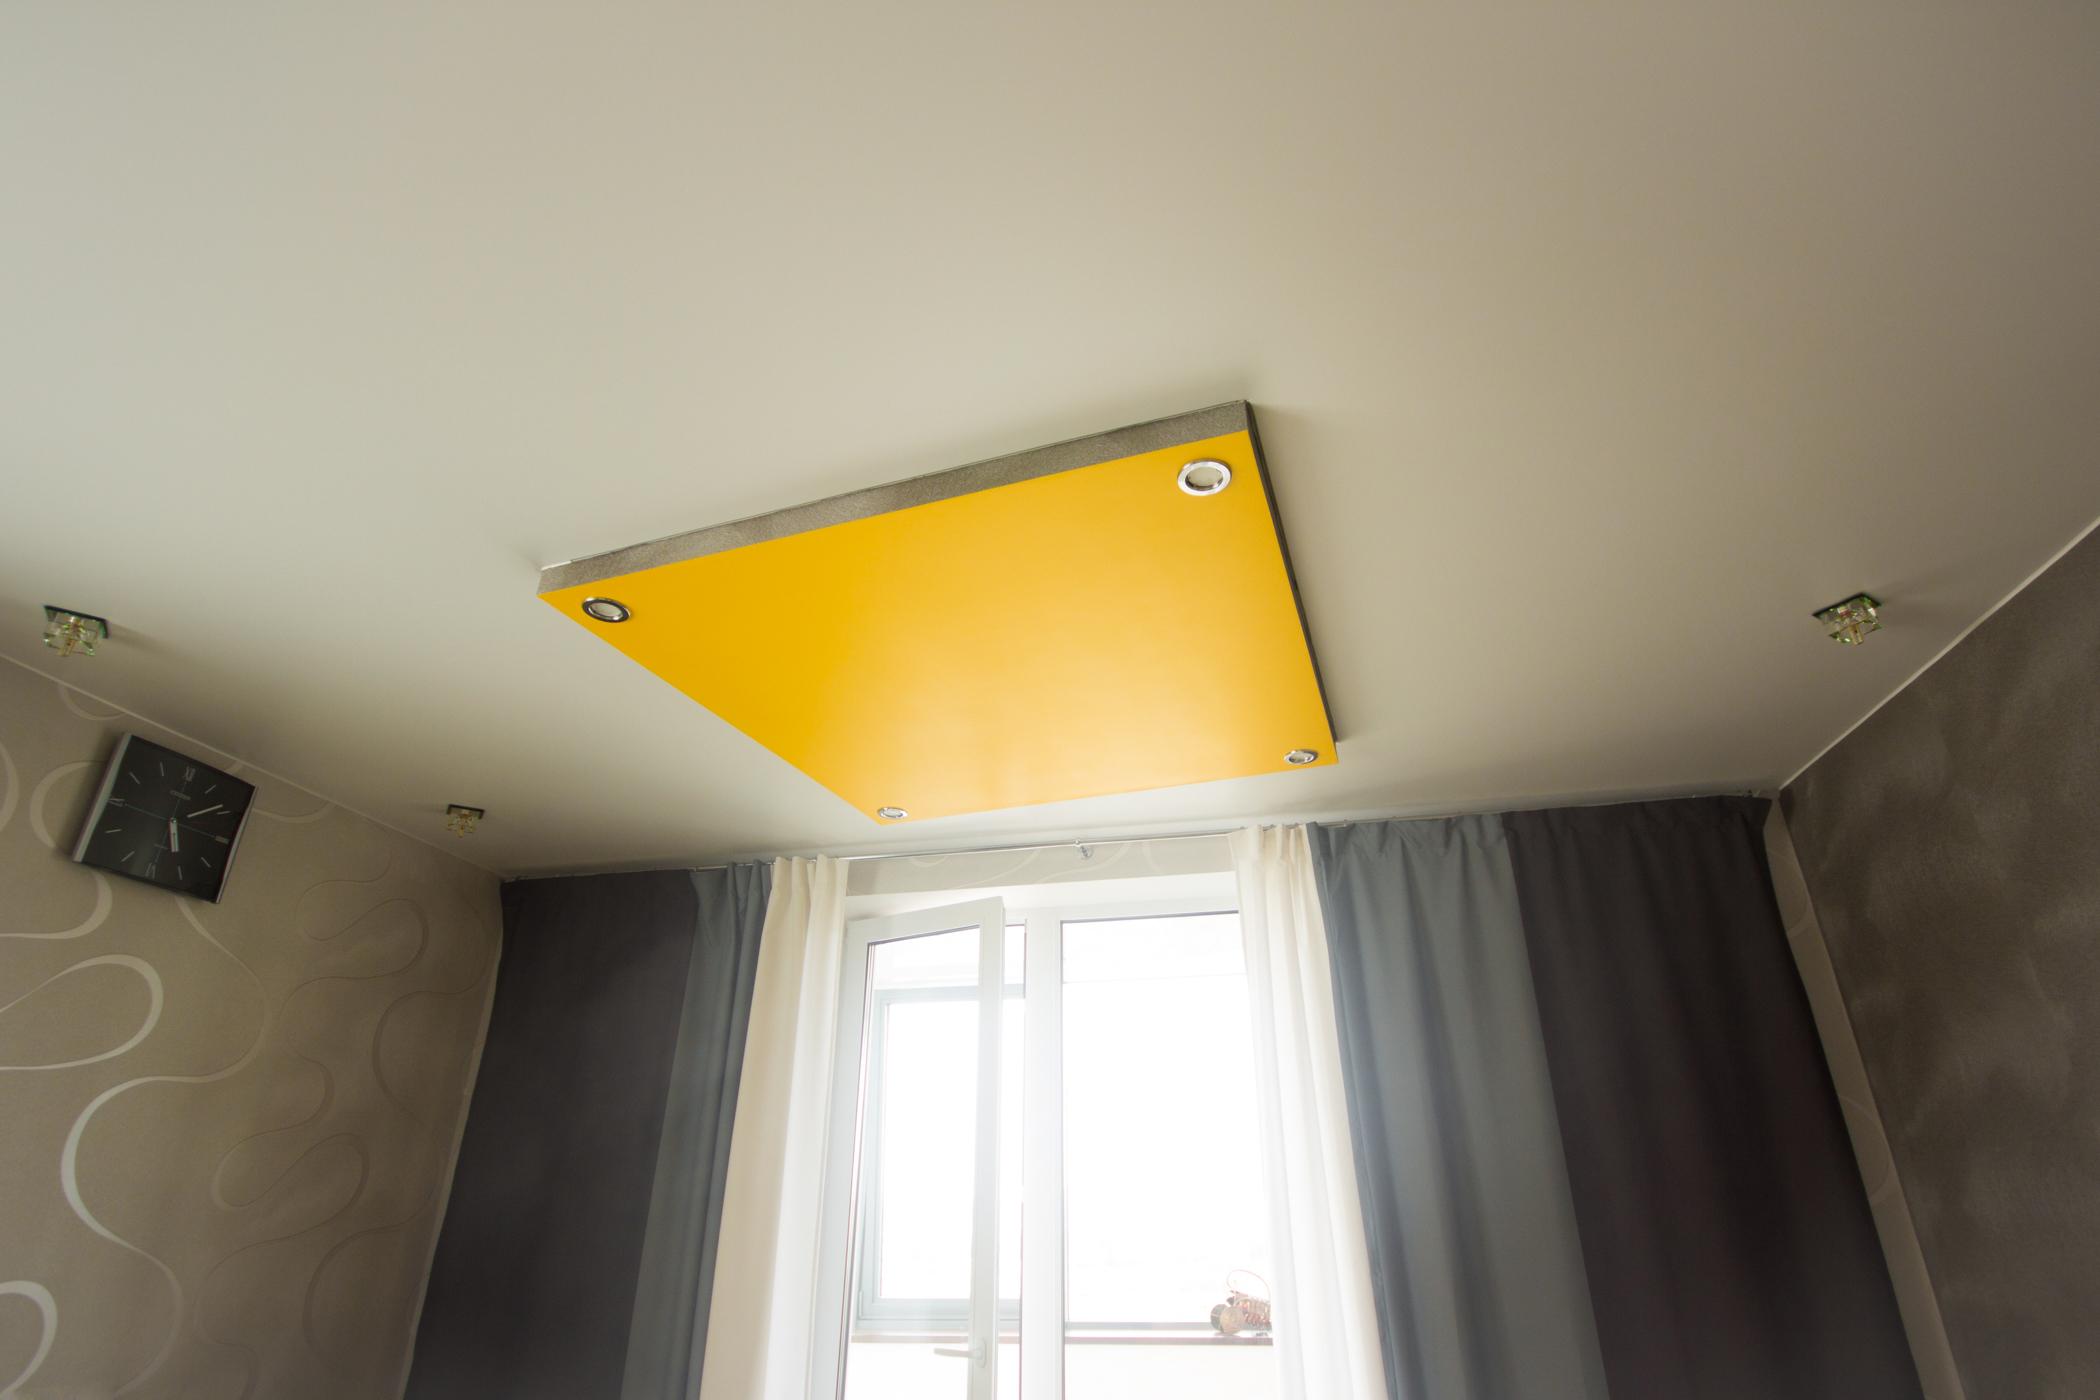 Натяжной потолок белый матовый со встроенными светильниками и нестандарной люстрой